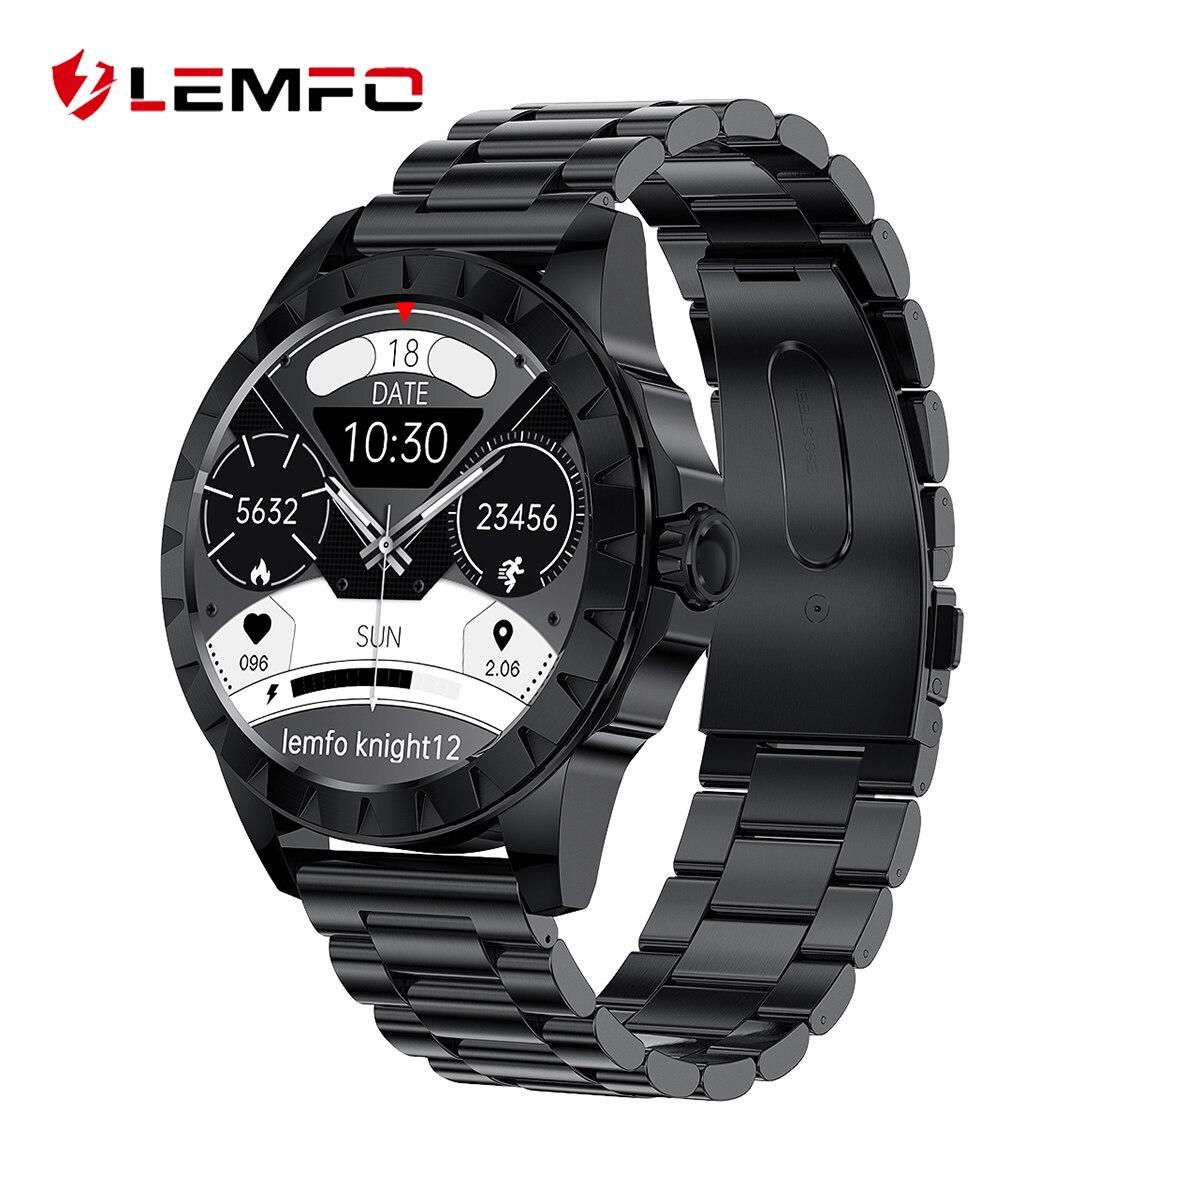 LEMZ ساعة ذكية الرجال 2021 بلوتوث دعوة البوصلة الحقيقية ECG الصحة رصد AMOLED شاشة الرياضة ساعة ذكية ذكية